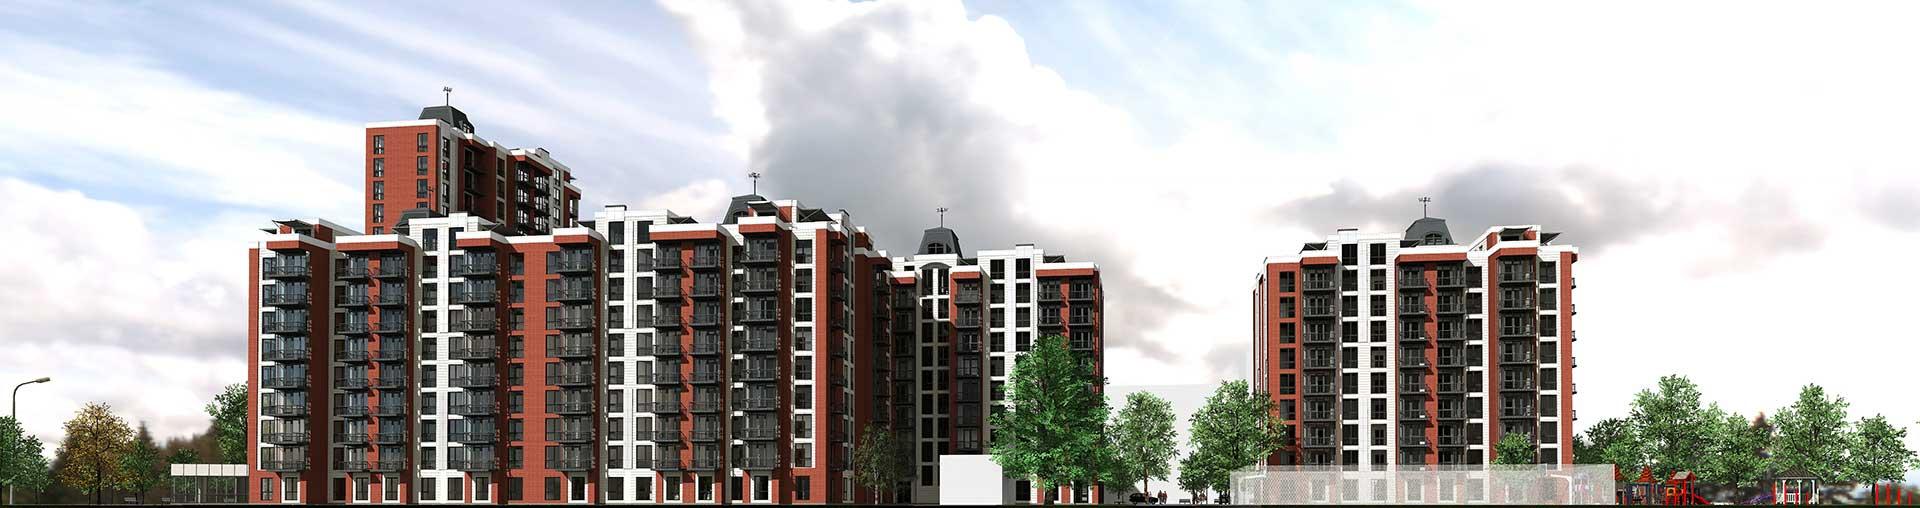 Проектное предложение жилого комплекса по ул. Порика в г. Виннице (фото 6)